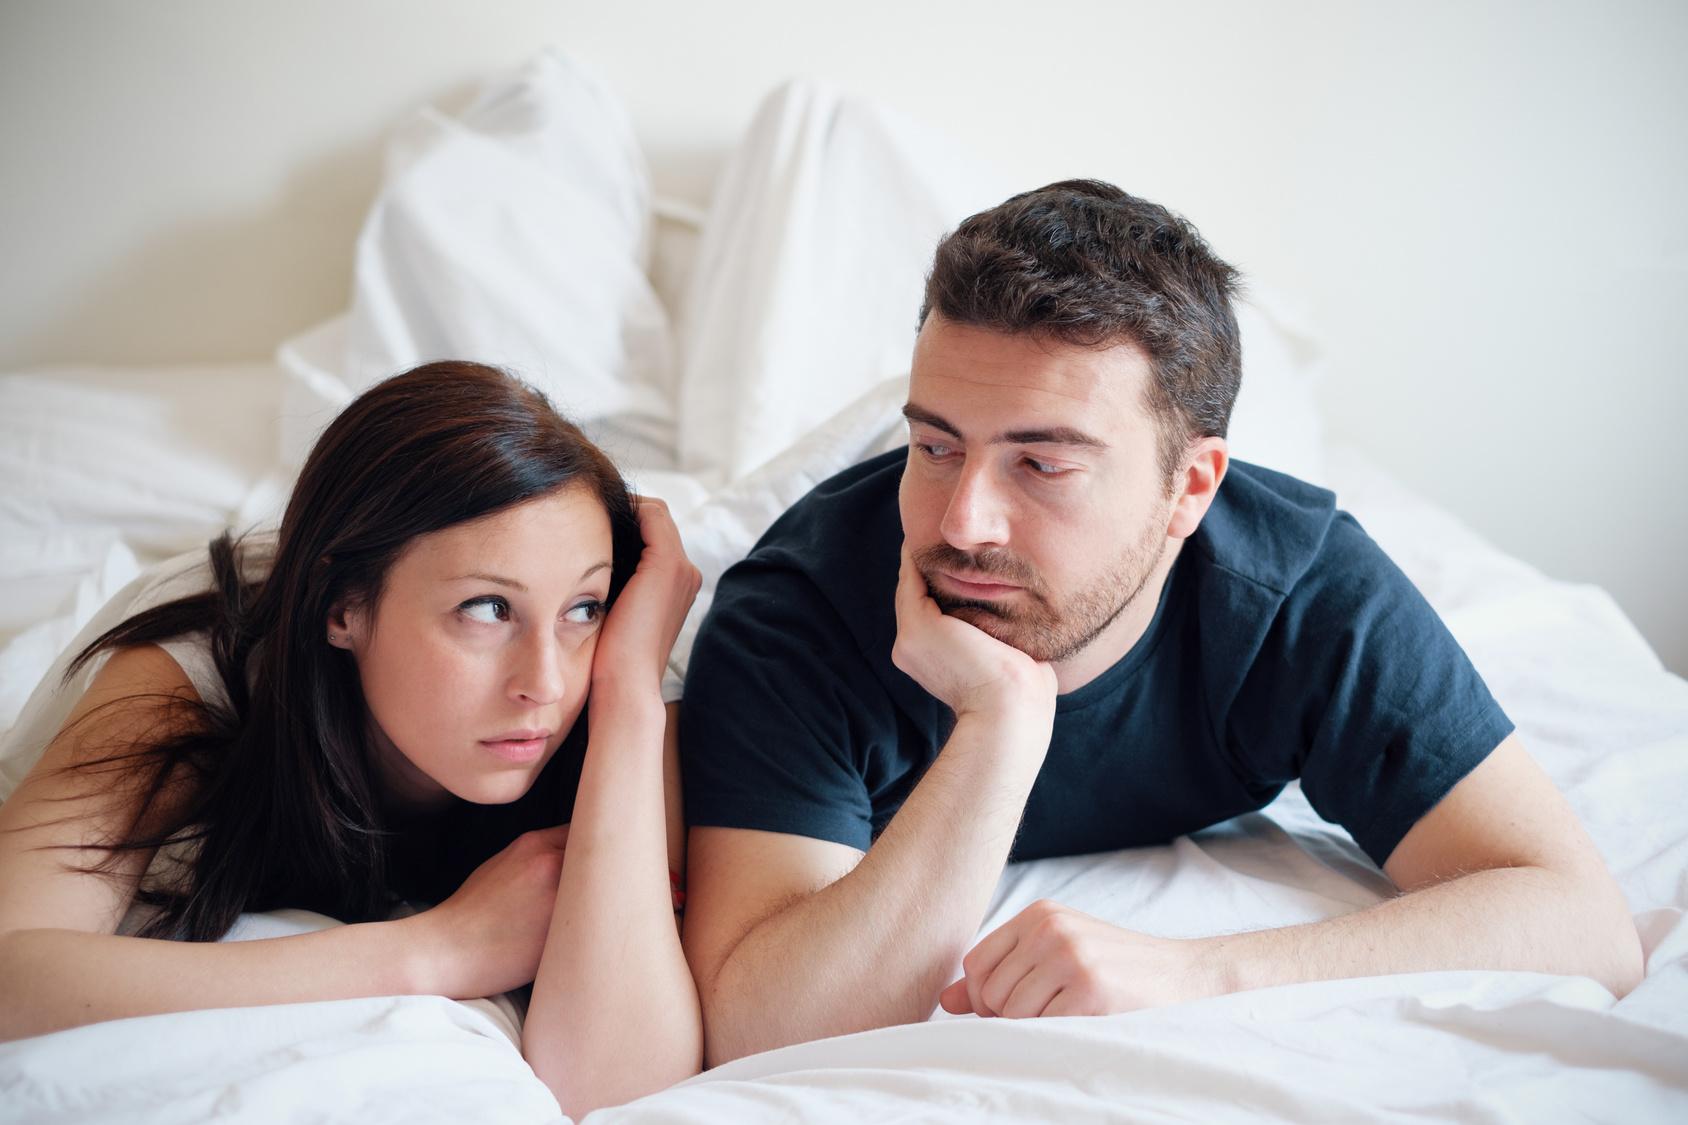 Problemy w relacjach, Zmartwiona i znudzona para kochanków po kłótni leżąca na łóżku